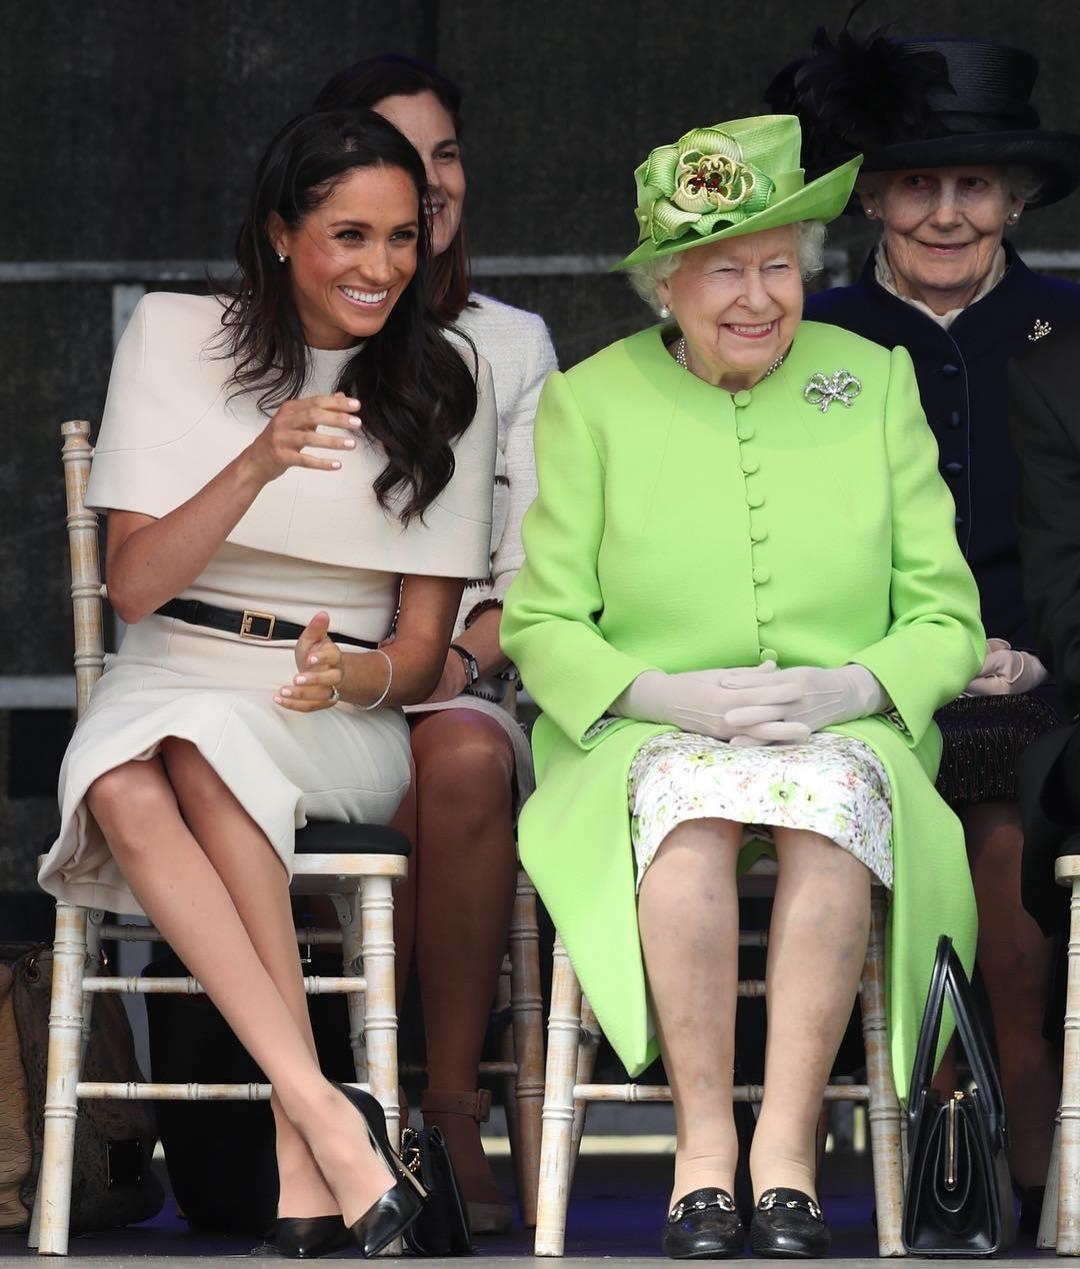 10 модных трюков королевских особ (и они реально круты)